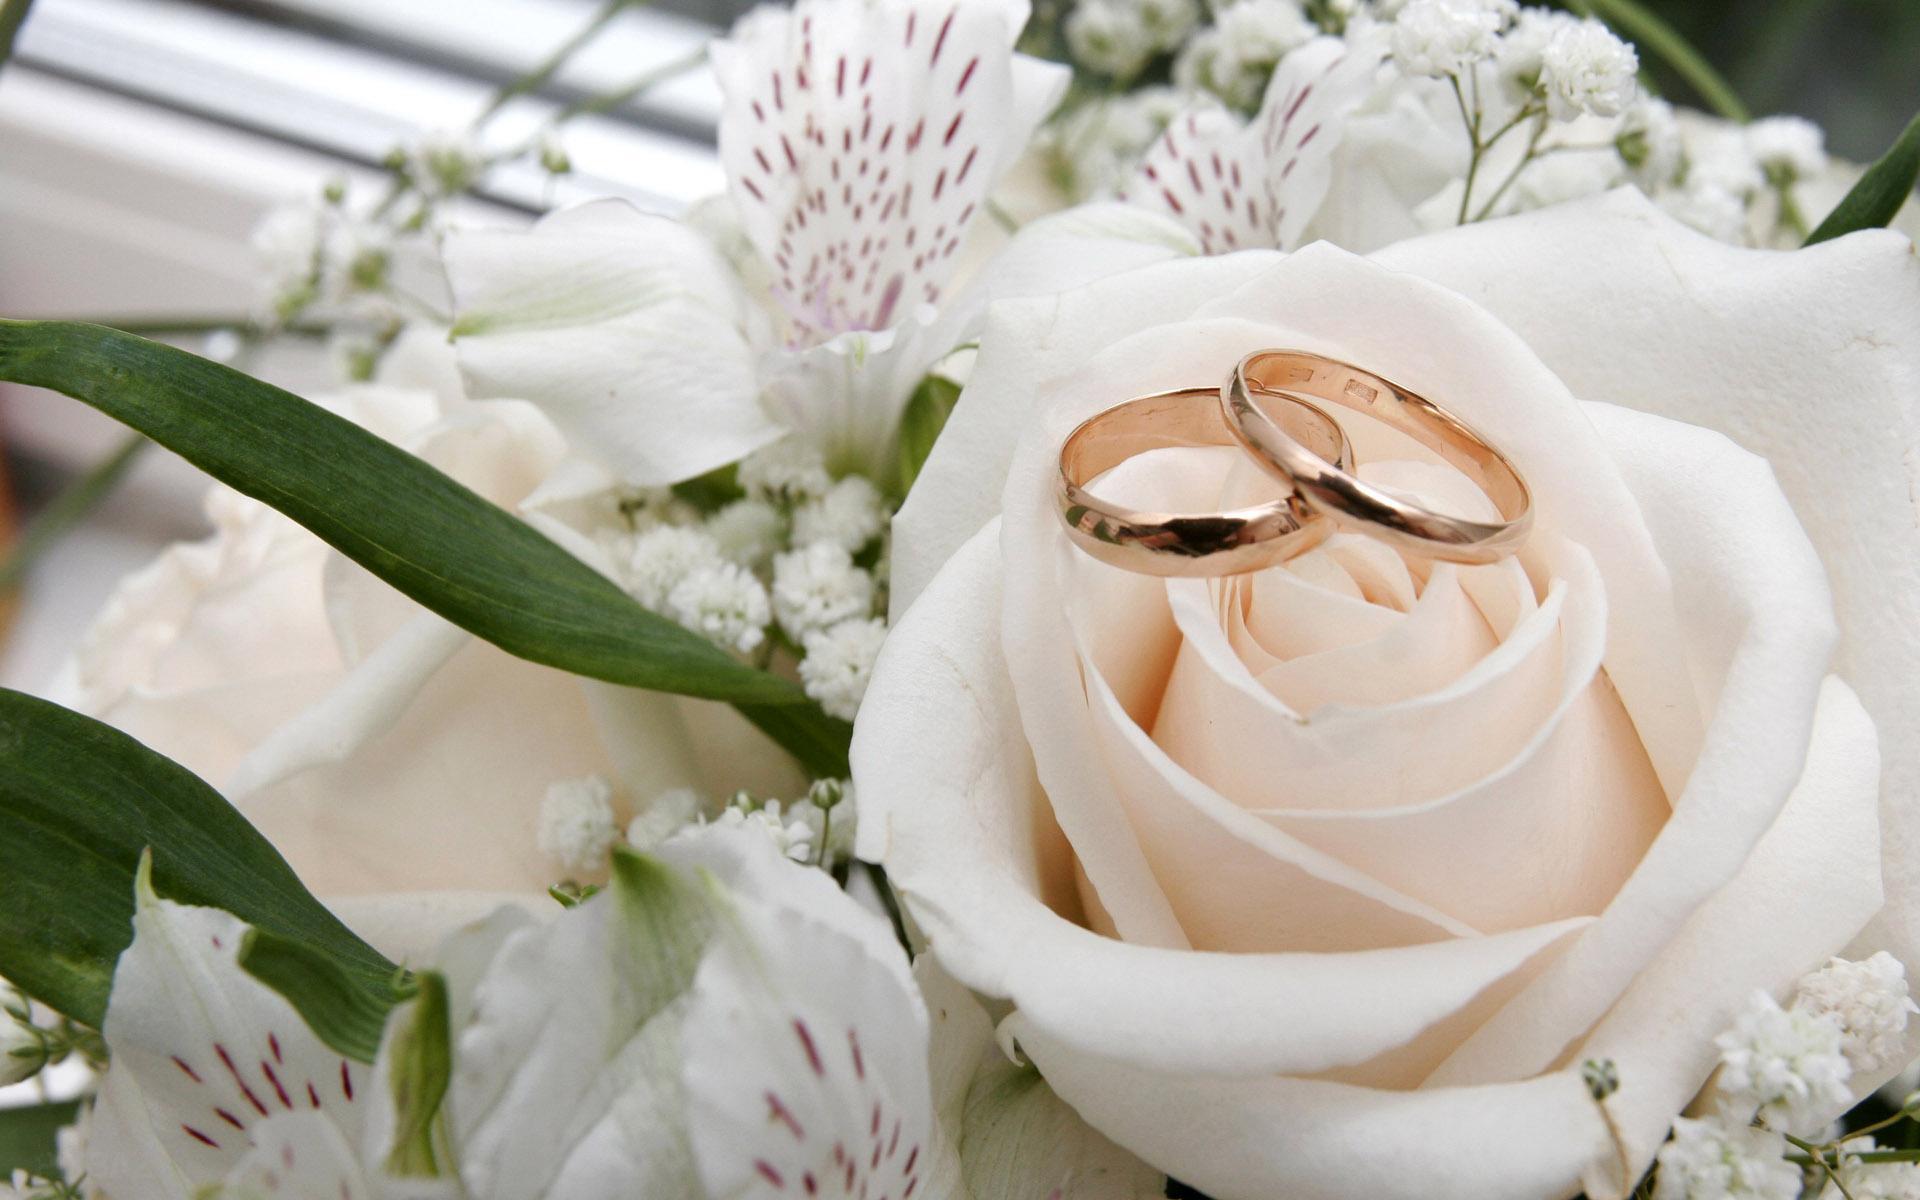 متن زیبای کارت هدیه متن های قشنگ کارت عروسی